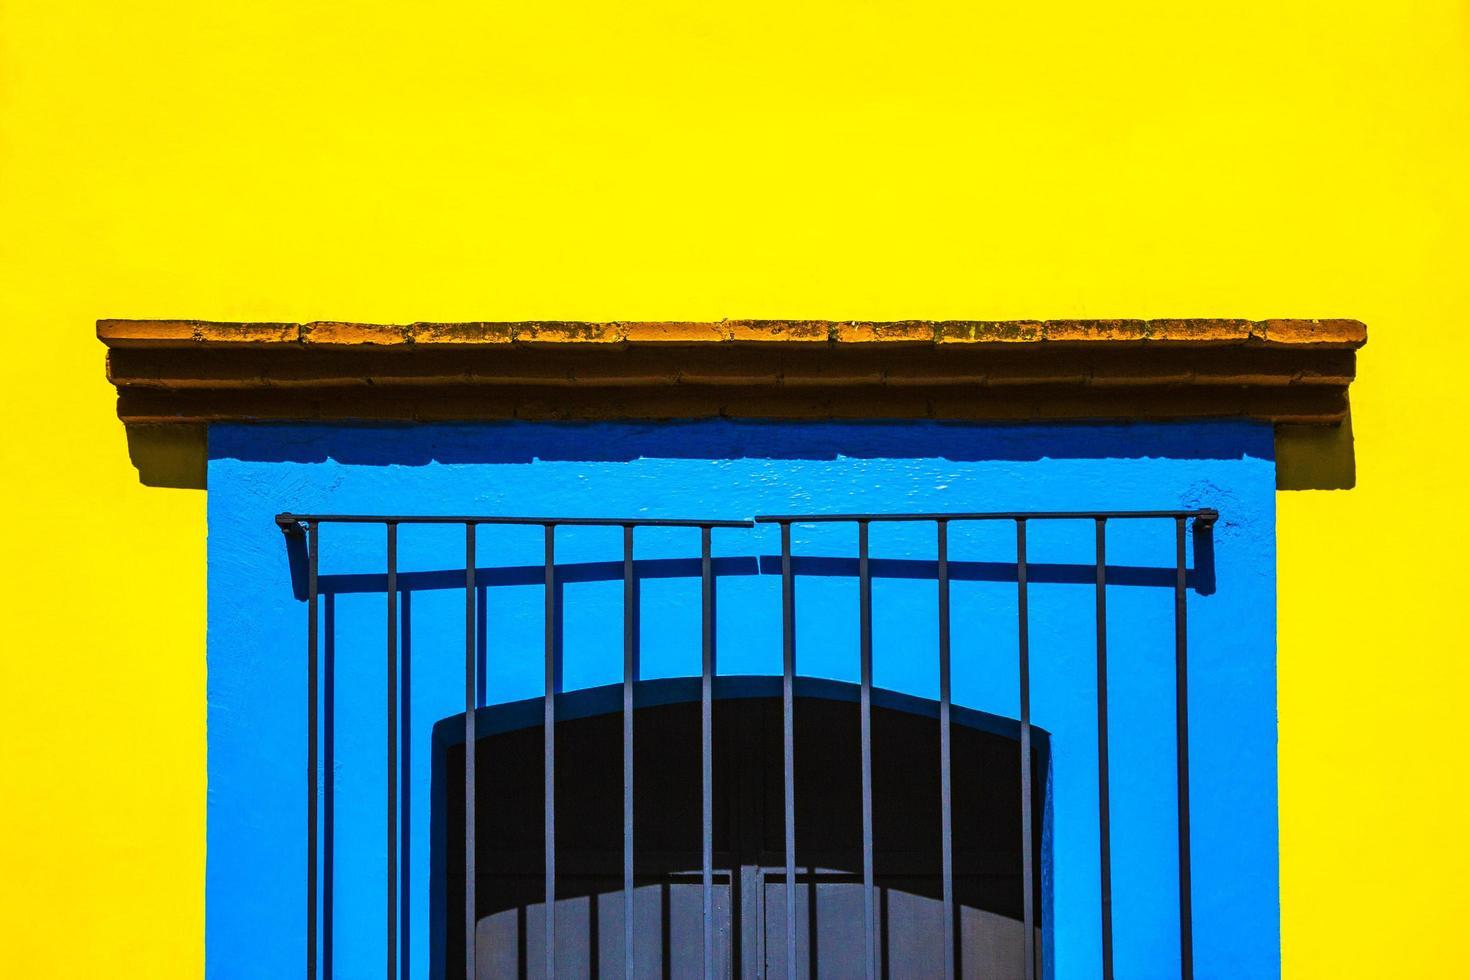 blauw gekooide venster op gele muur foto